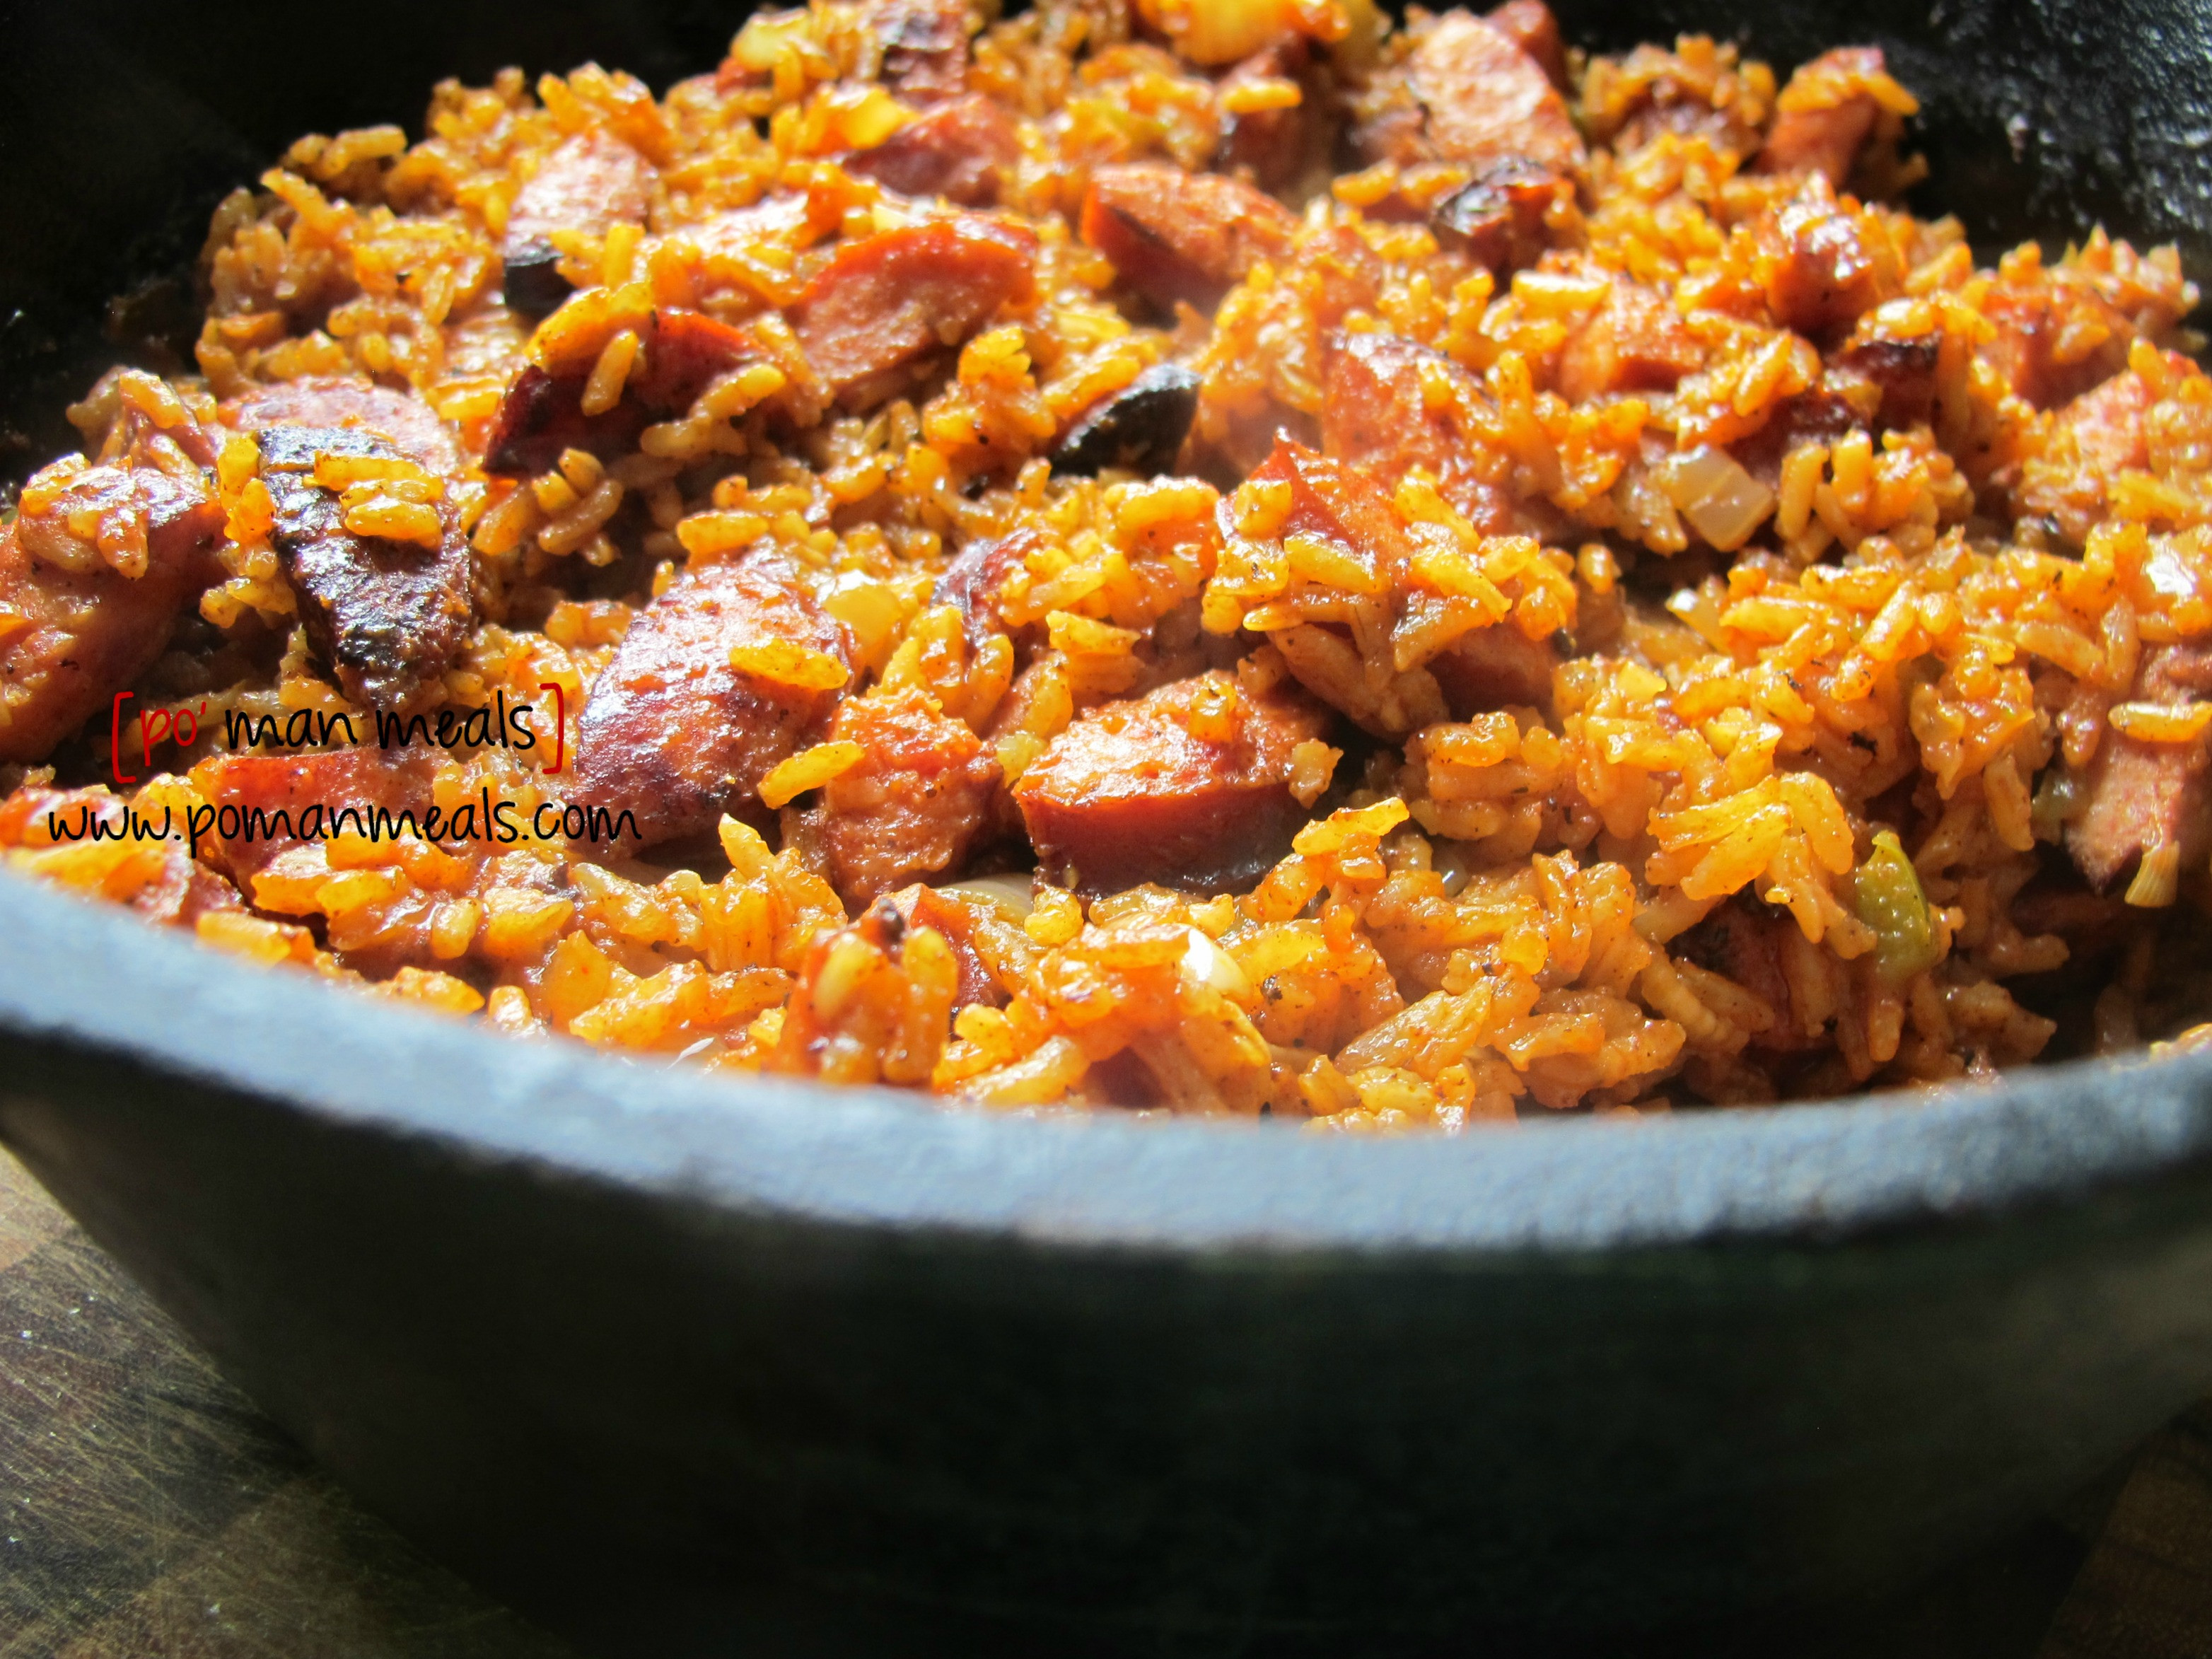 Chicken Sausage Jambalya  po man meals sausage jambalaya